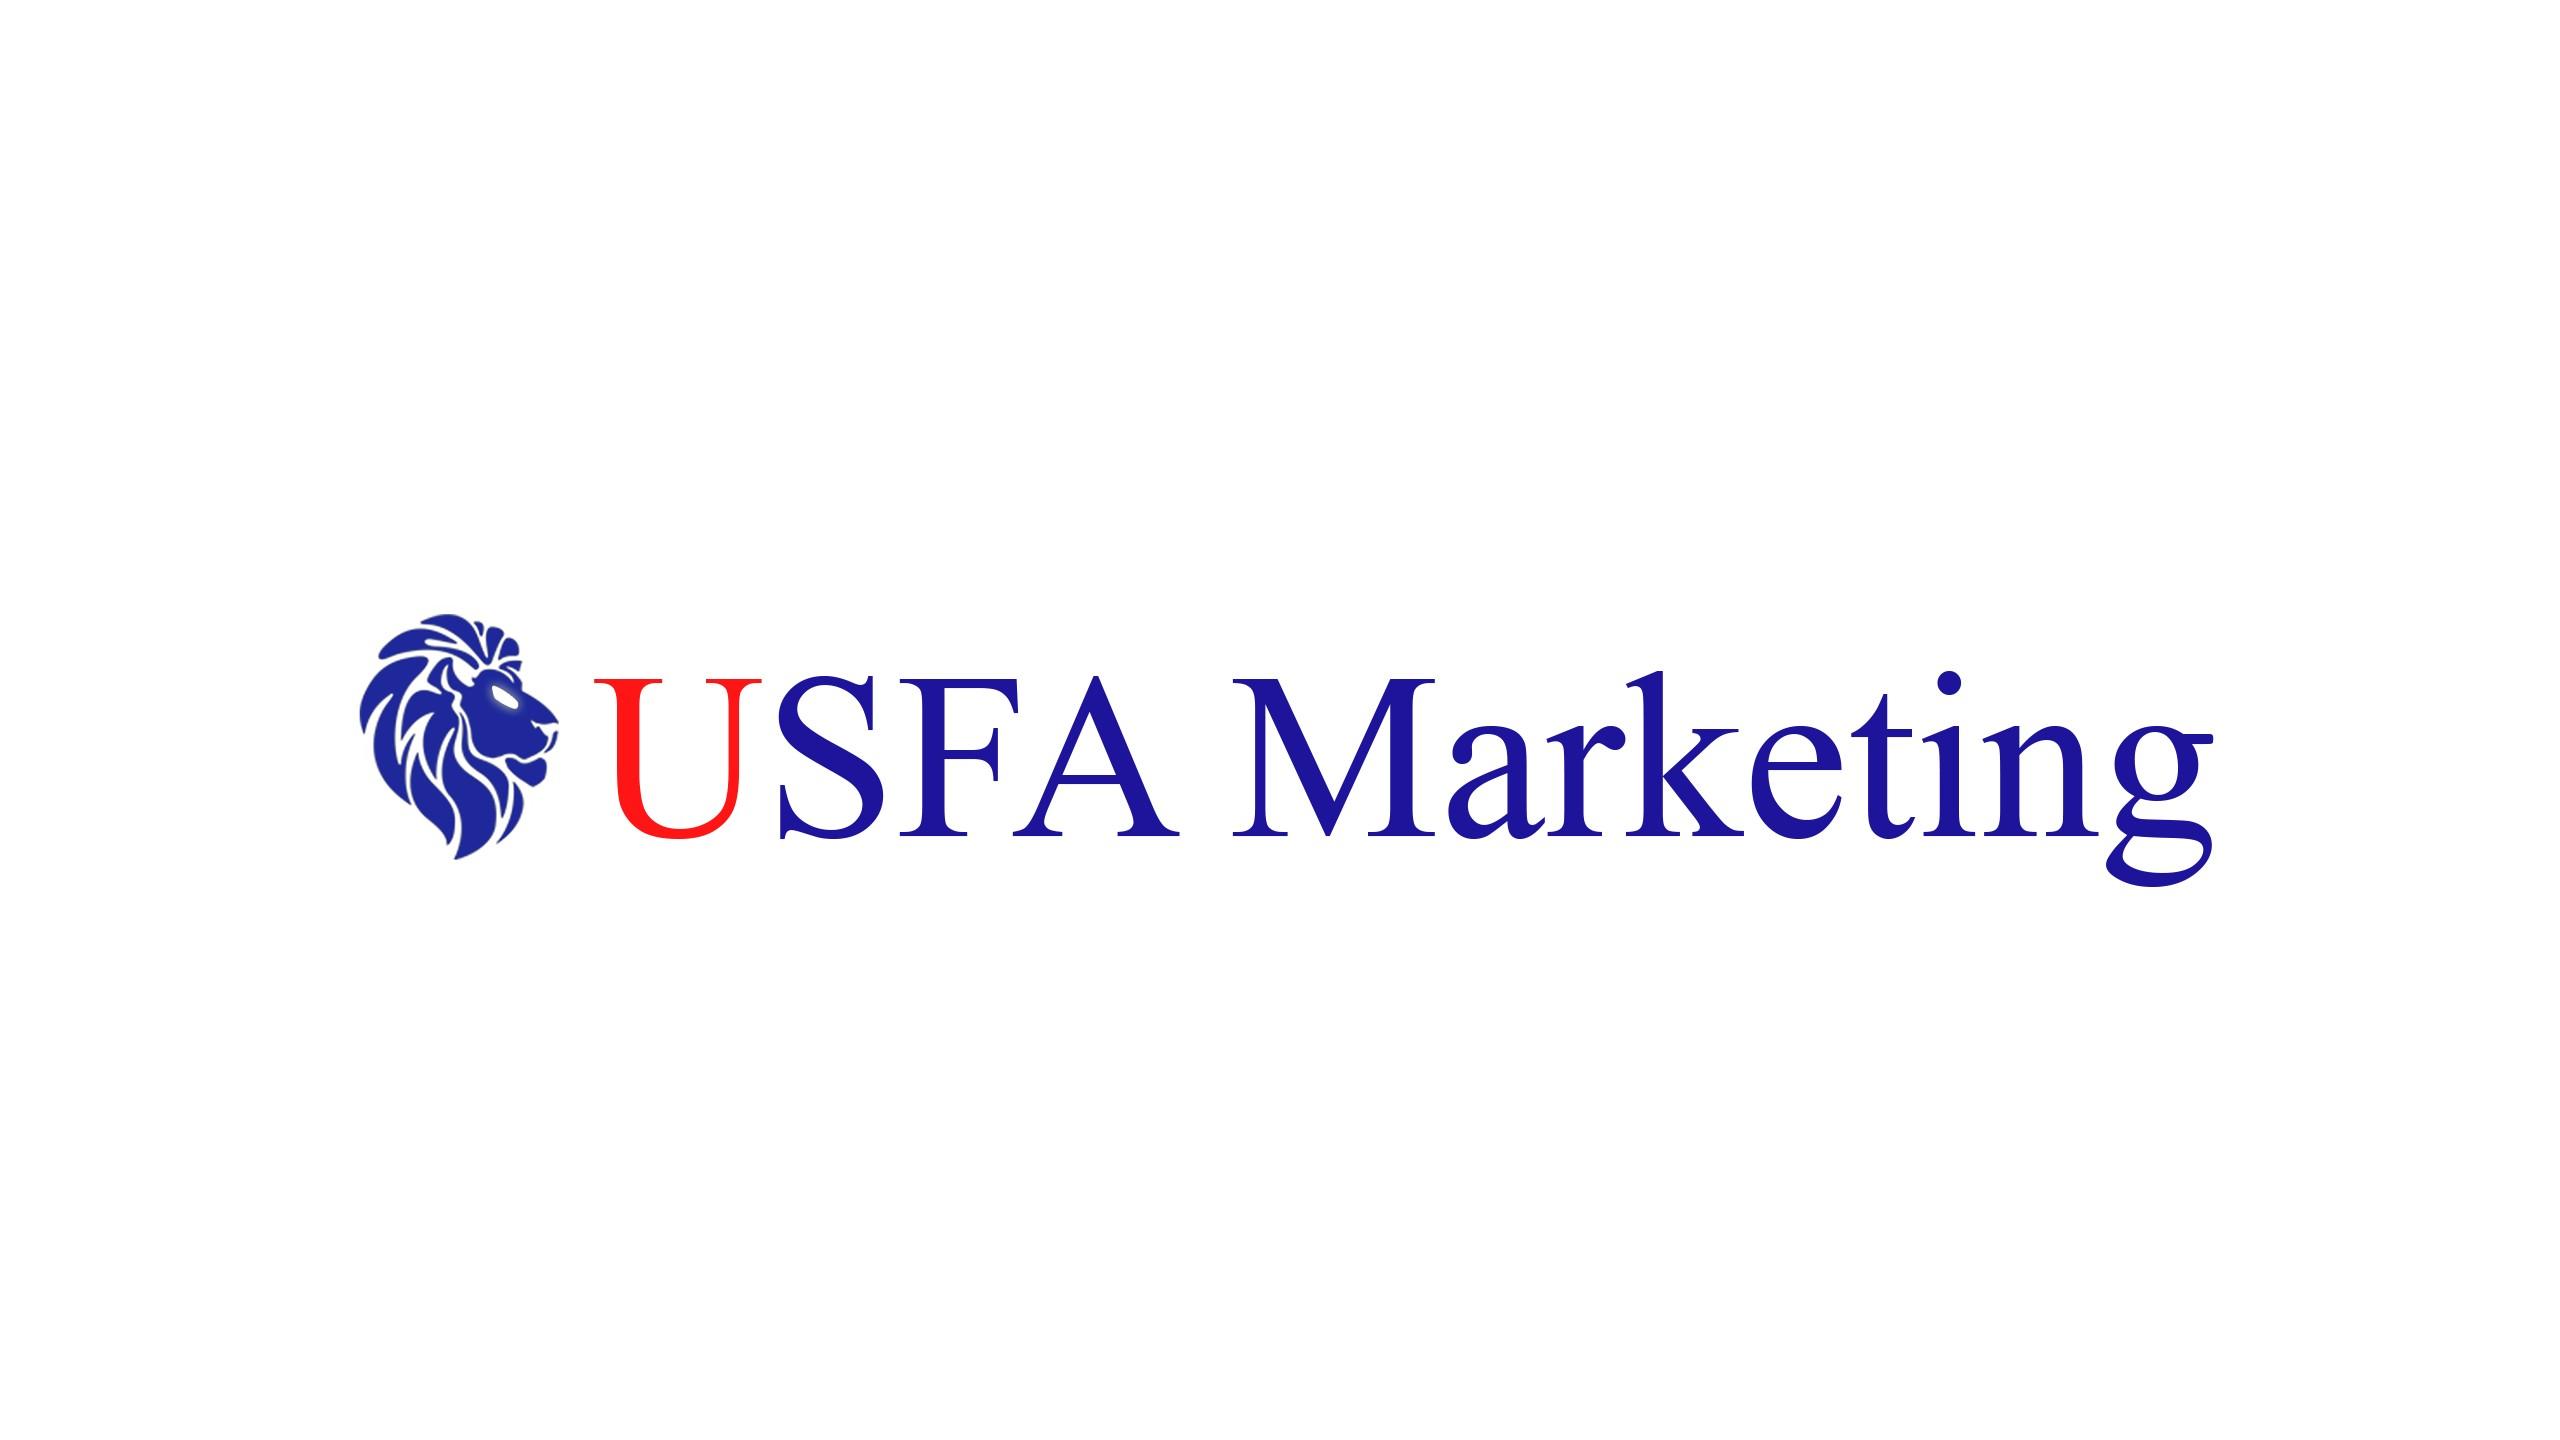 USFA Marketing - отзывы, цена, альтернативы (аналоги, конкуренты), бесплатные лимиты, функционал, сравнения